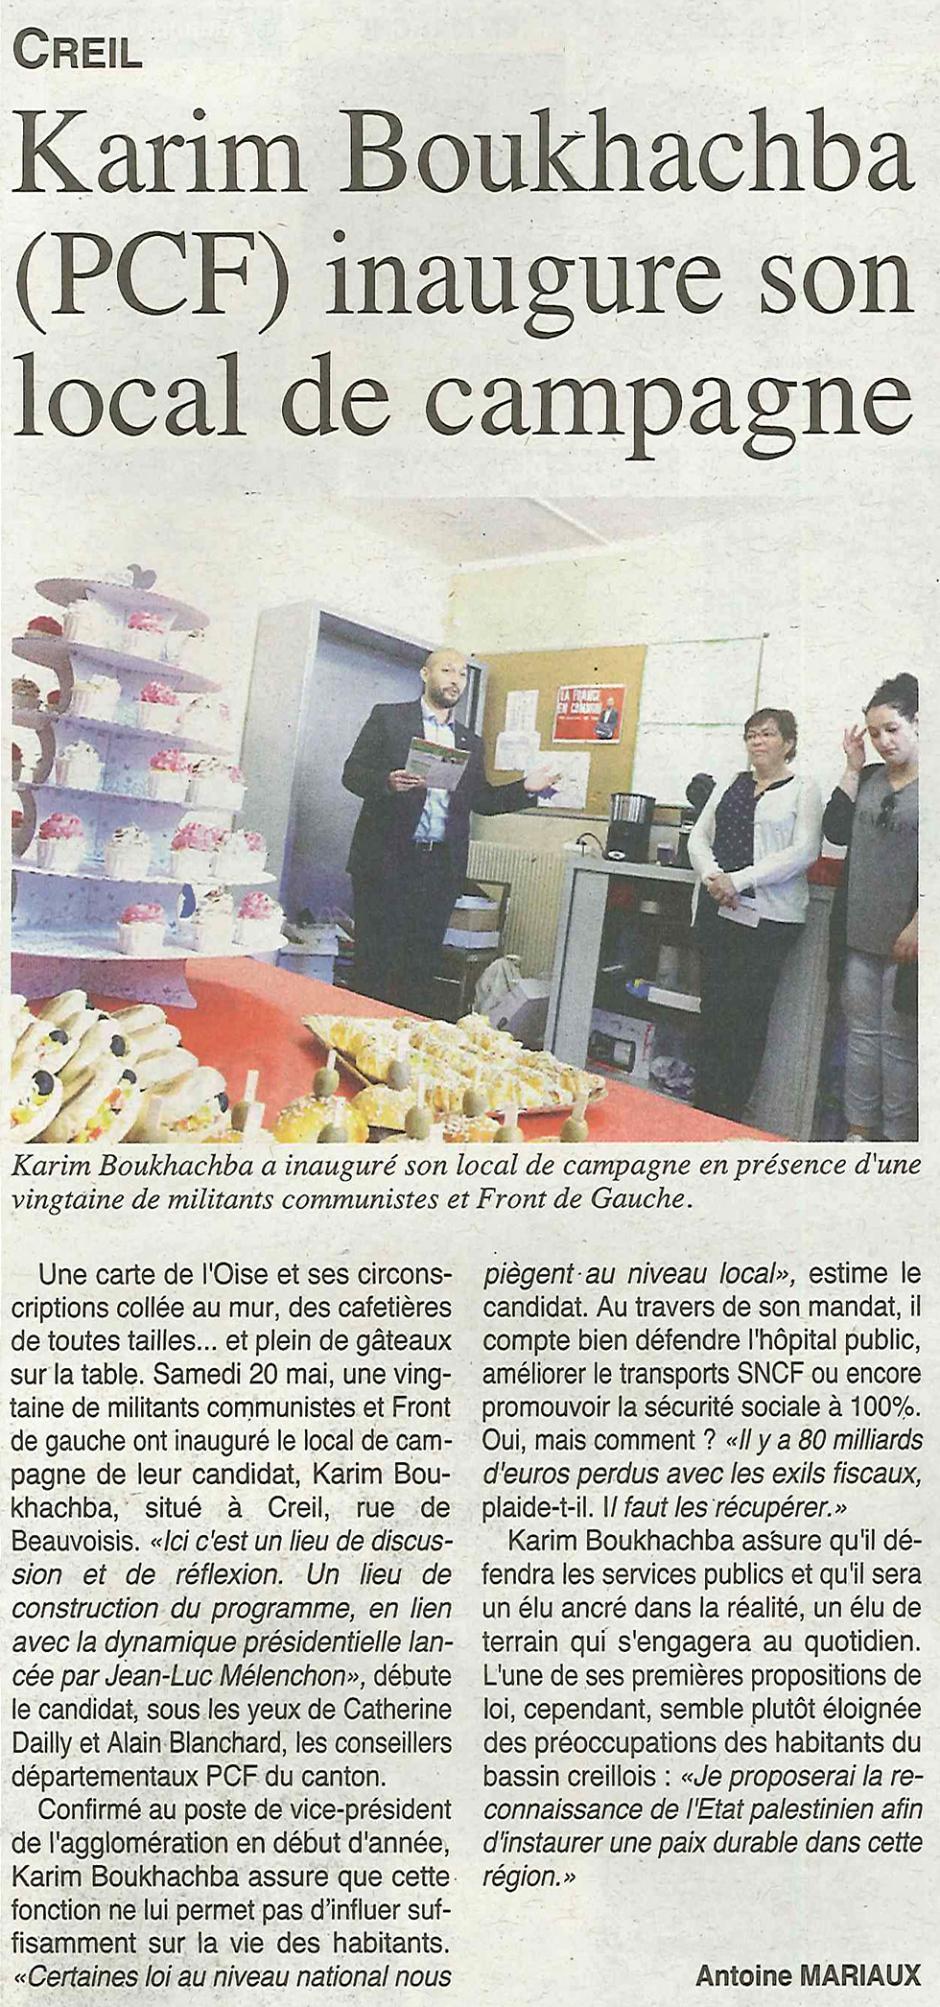 20170524-OH-Oise-L2017-3C-Karim Boukhachba inaugure son local de campagne